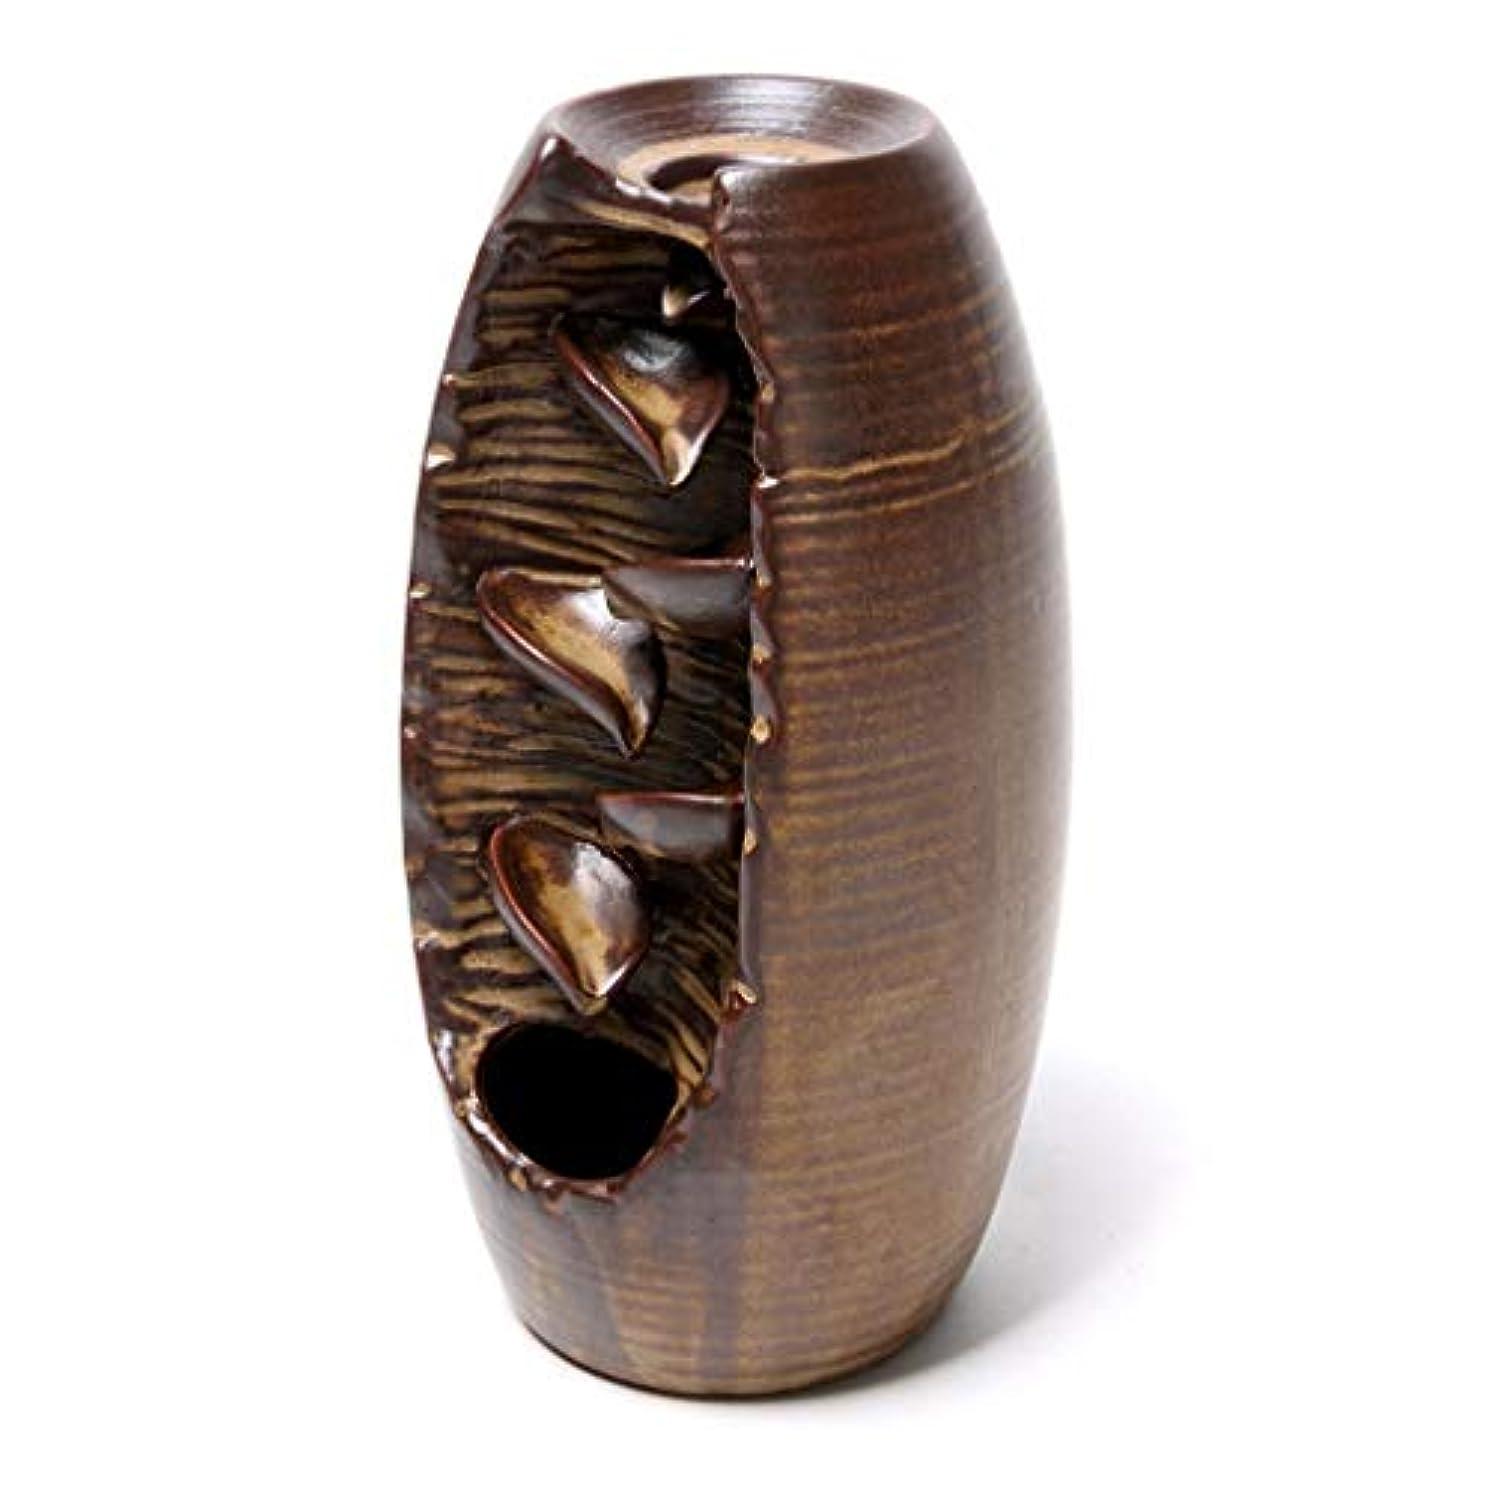 六初心者単なるクリエイティブ逆流香バーナーセラミック香コーンバーナーホルダーホームフレグランスアロマセラピー装飾香ホルダー (Color : Brown, サイズ : 3.54*8.07 inches)